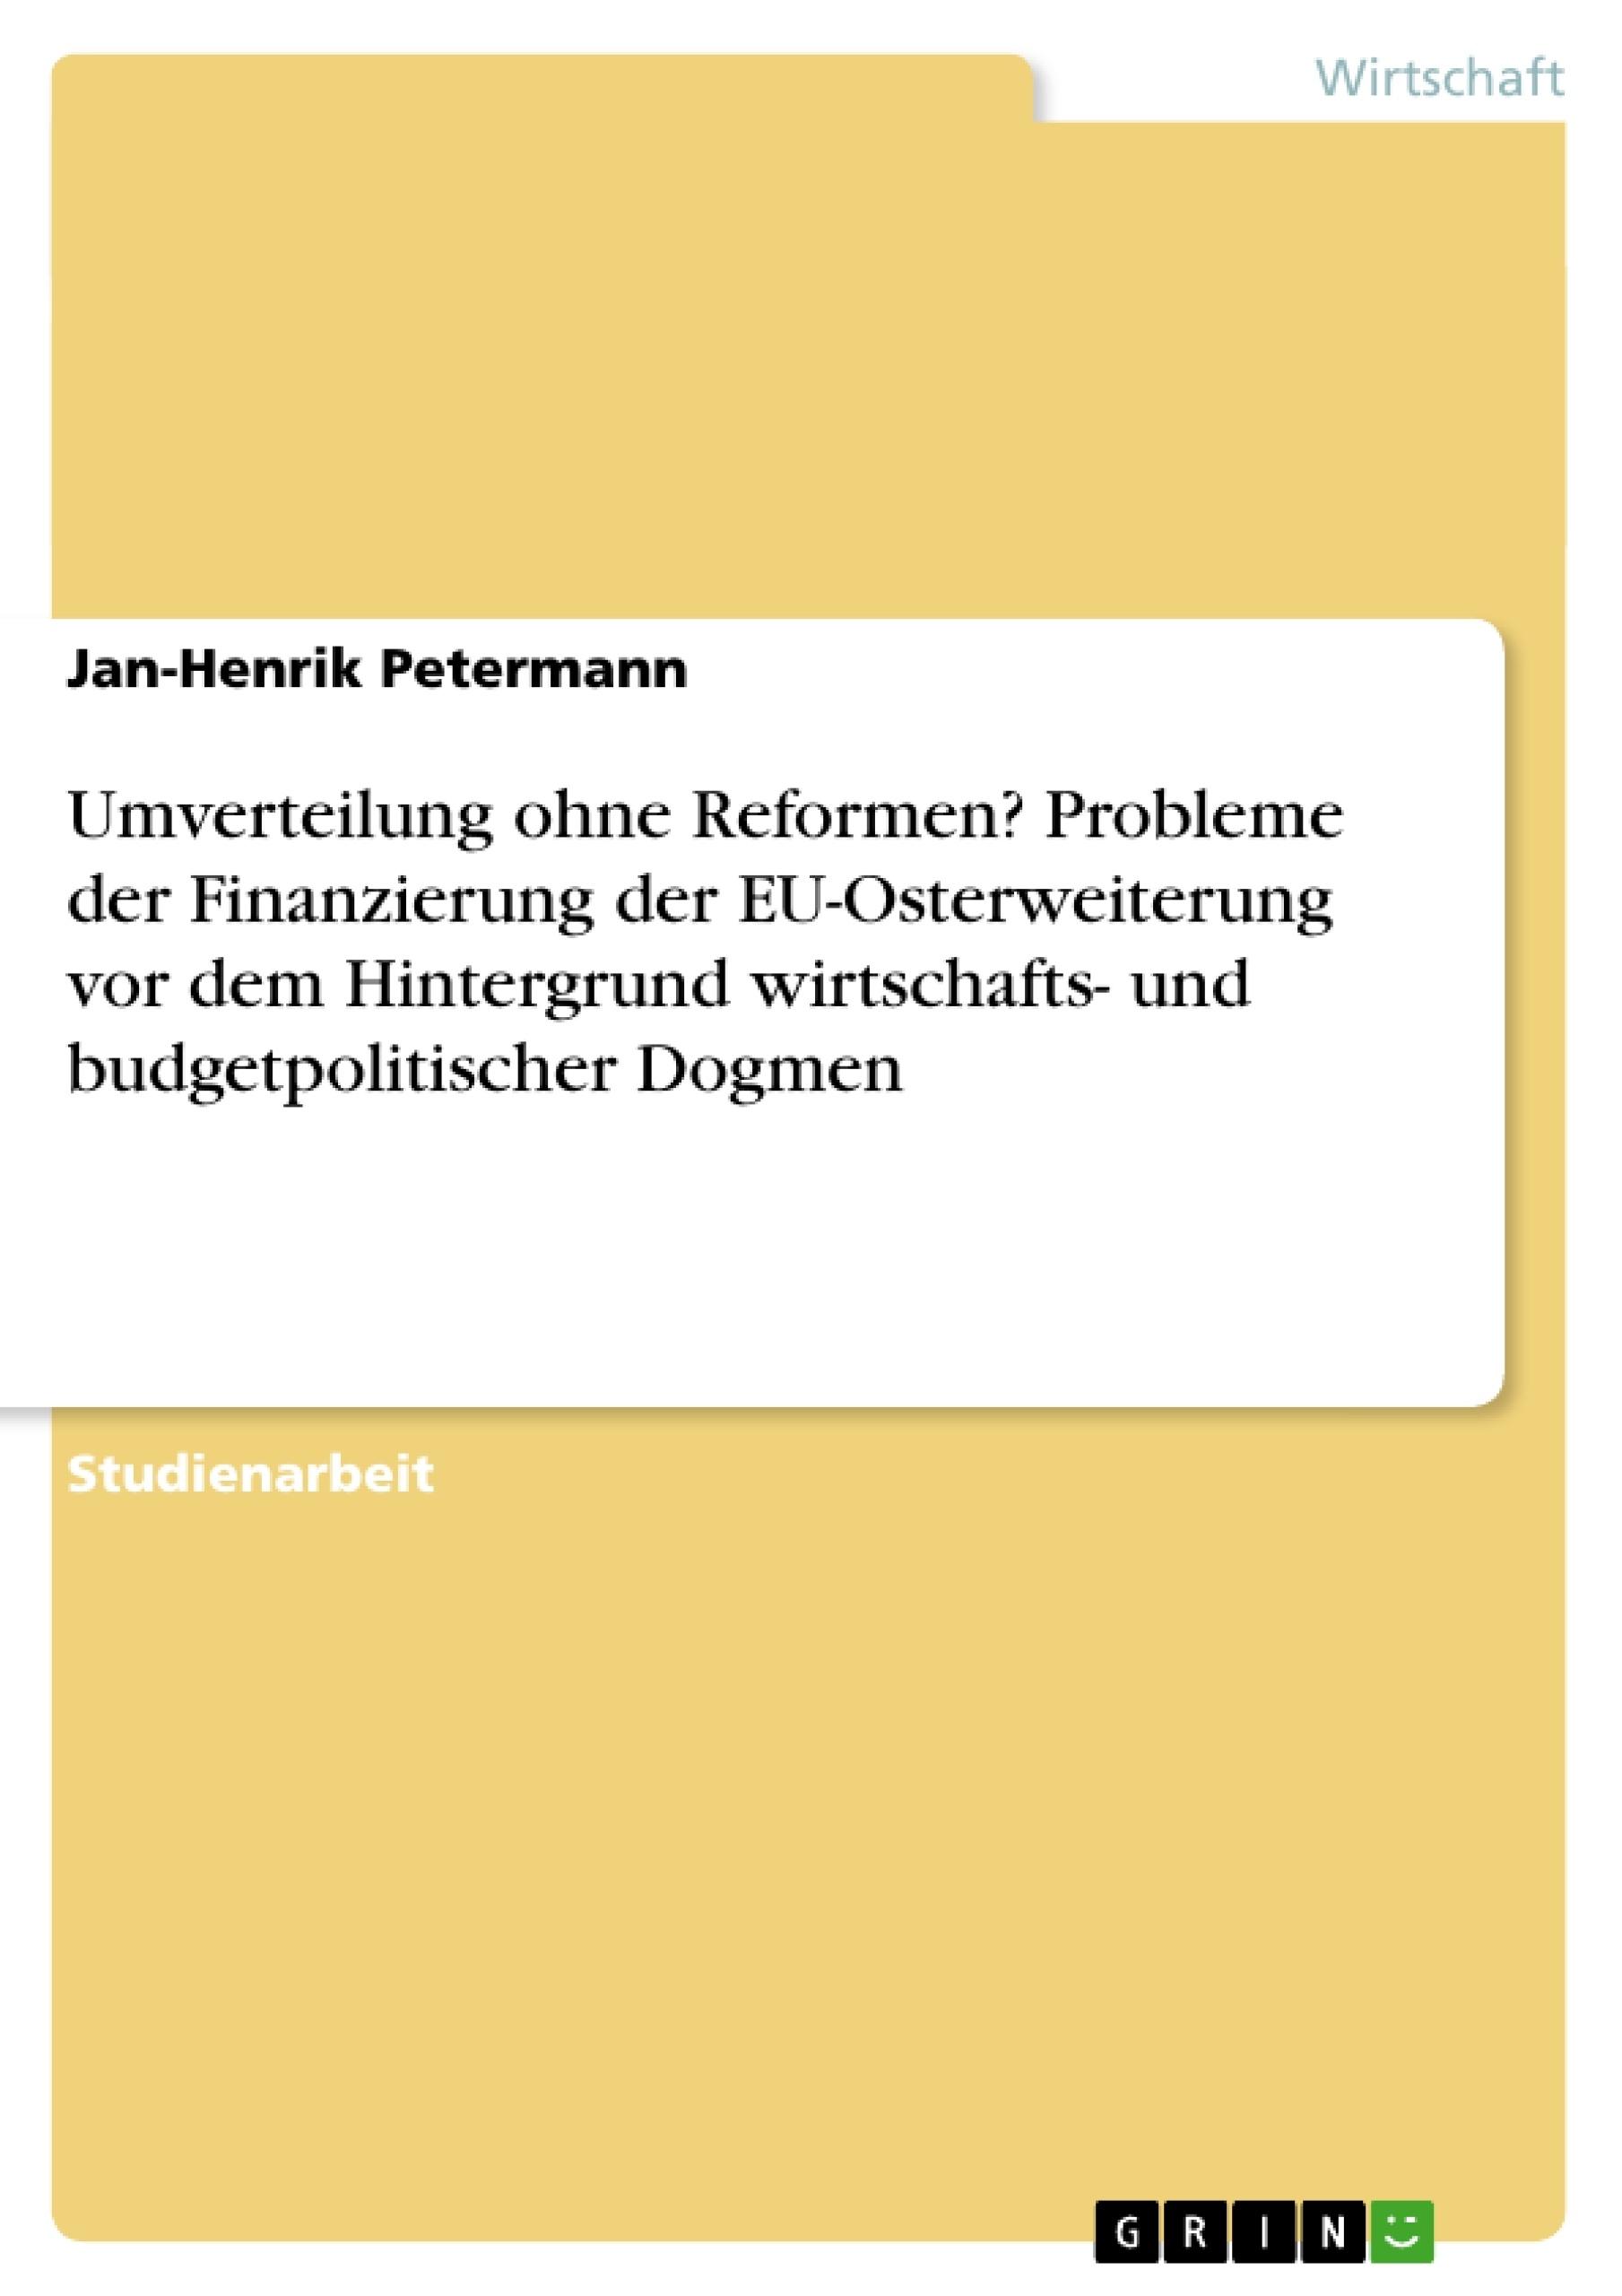 Titel: Umverteilung ohne Reformen? Probleme der Finanzierung der EU-Osterweiterung vor dem Hintergrund wirtschafts- und budgetpolitischer Dogmen